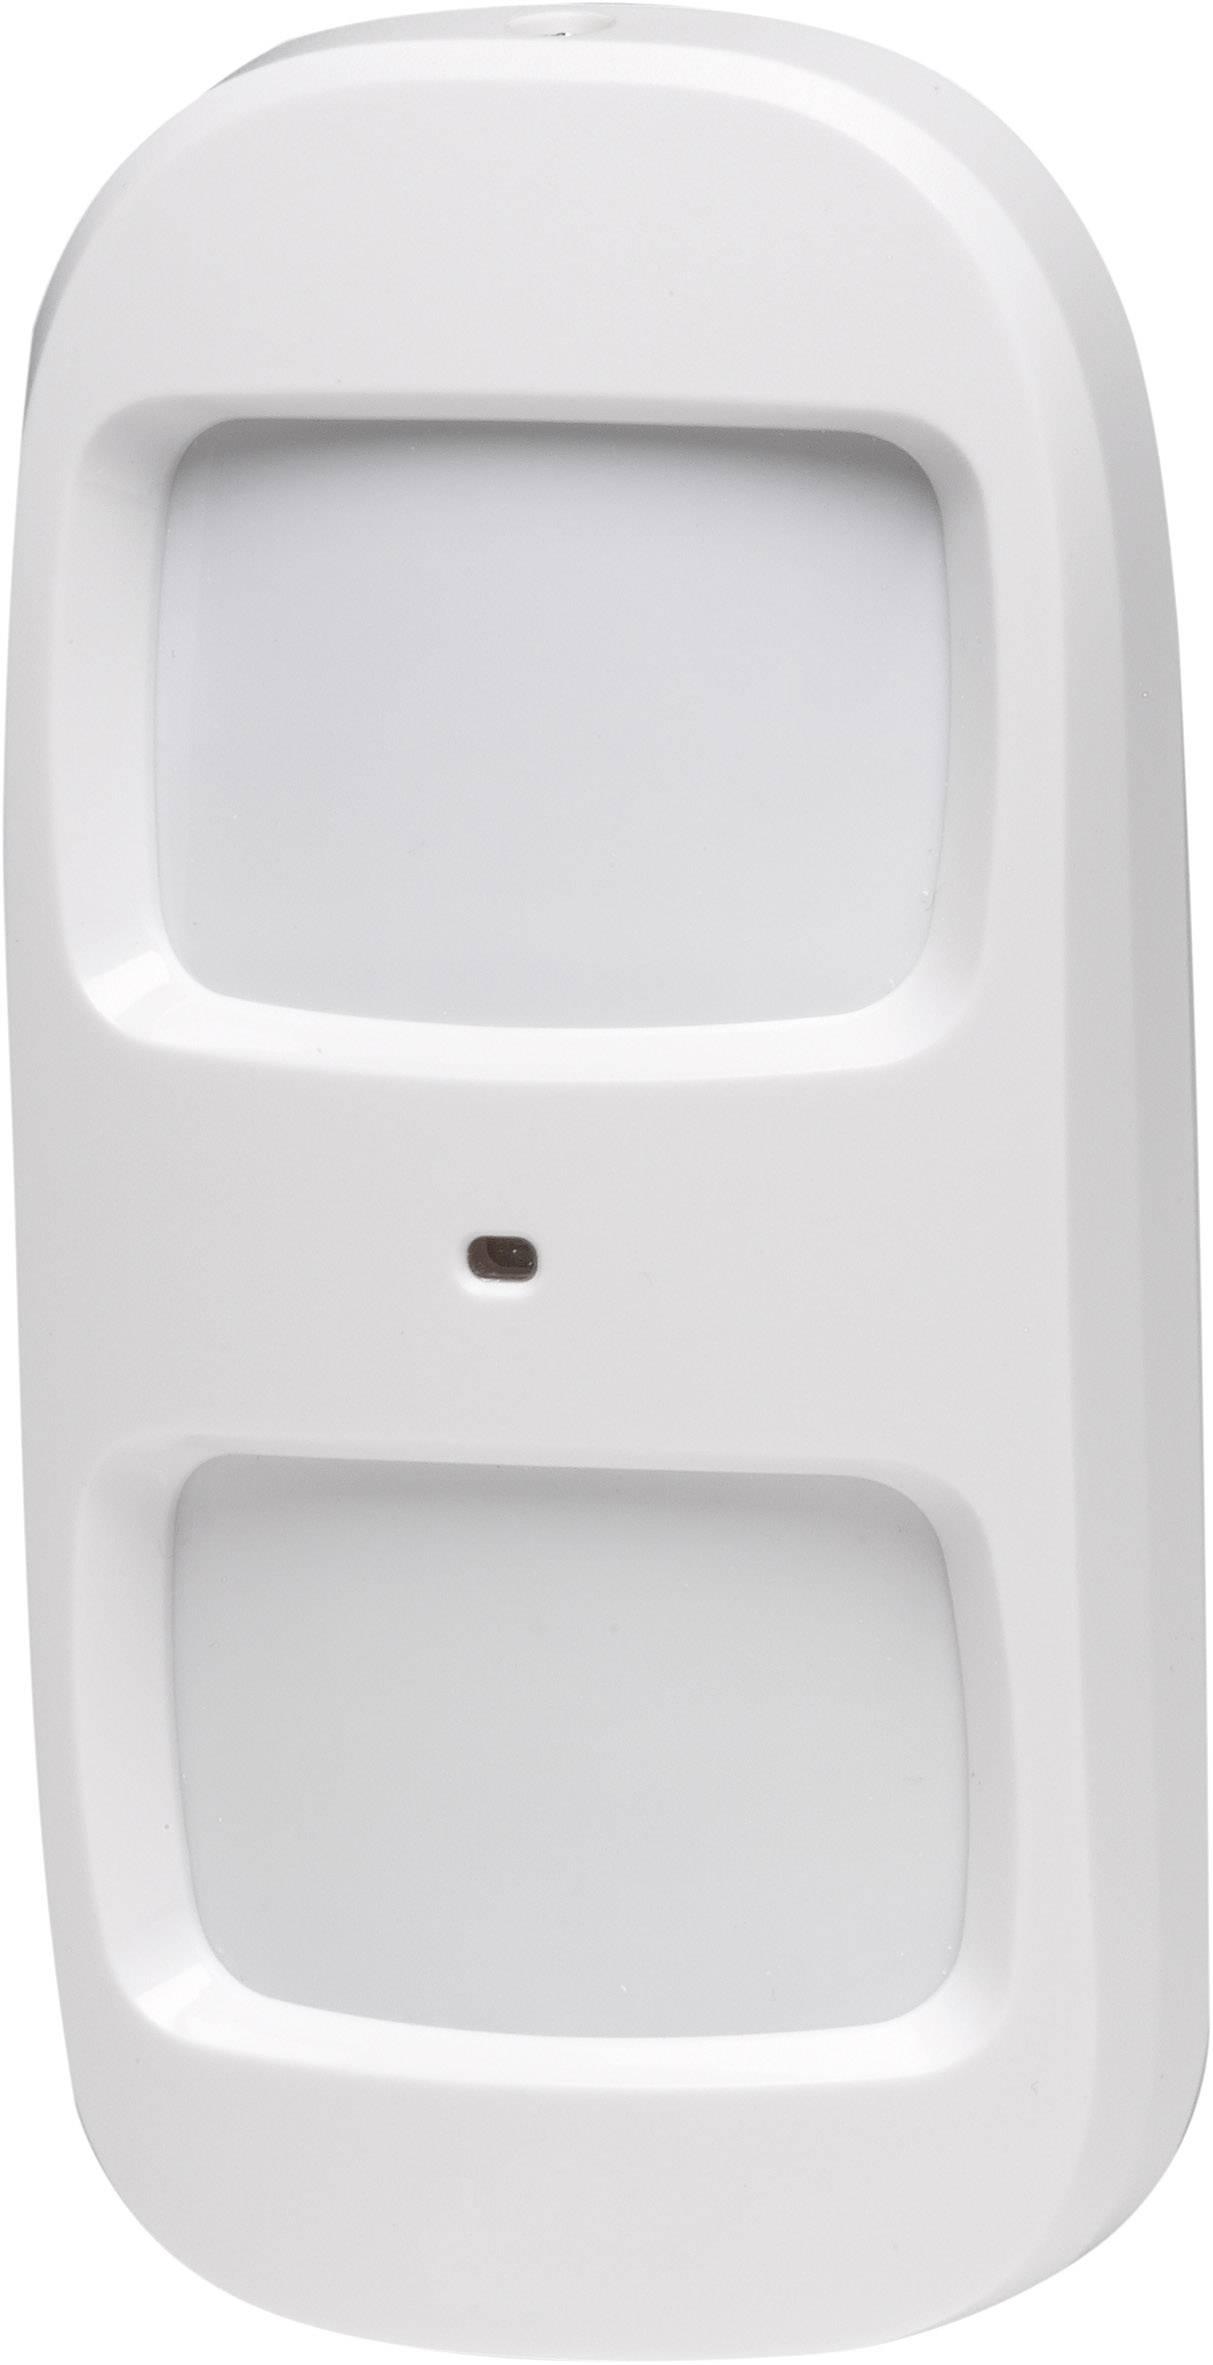 Bezdrátový PIR senzor Denver ASA-40, Pet verze